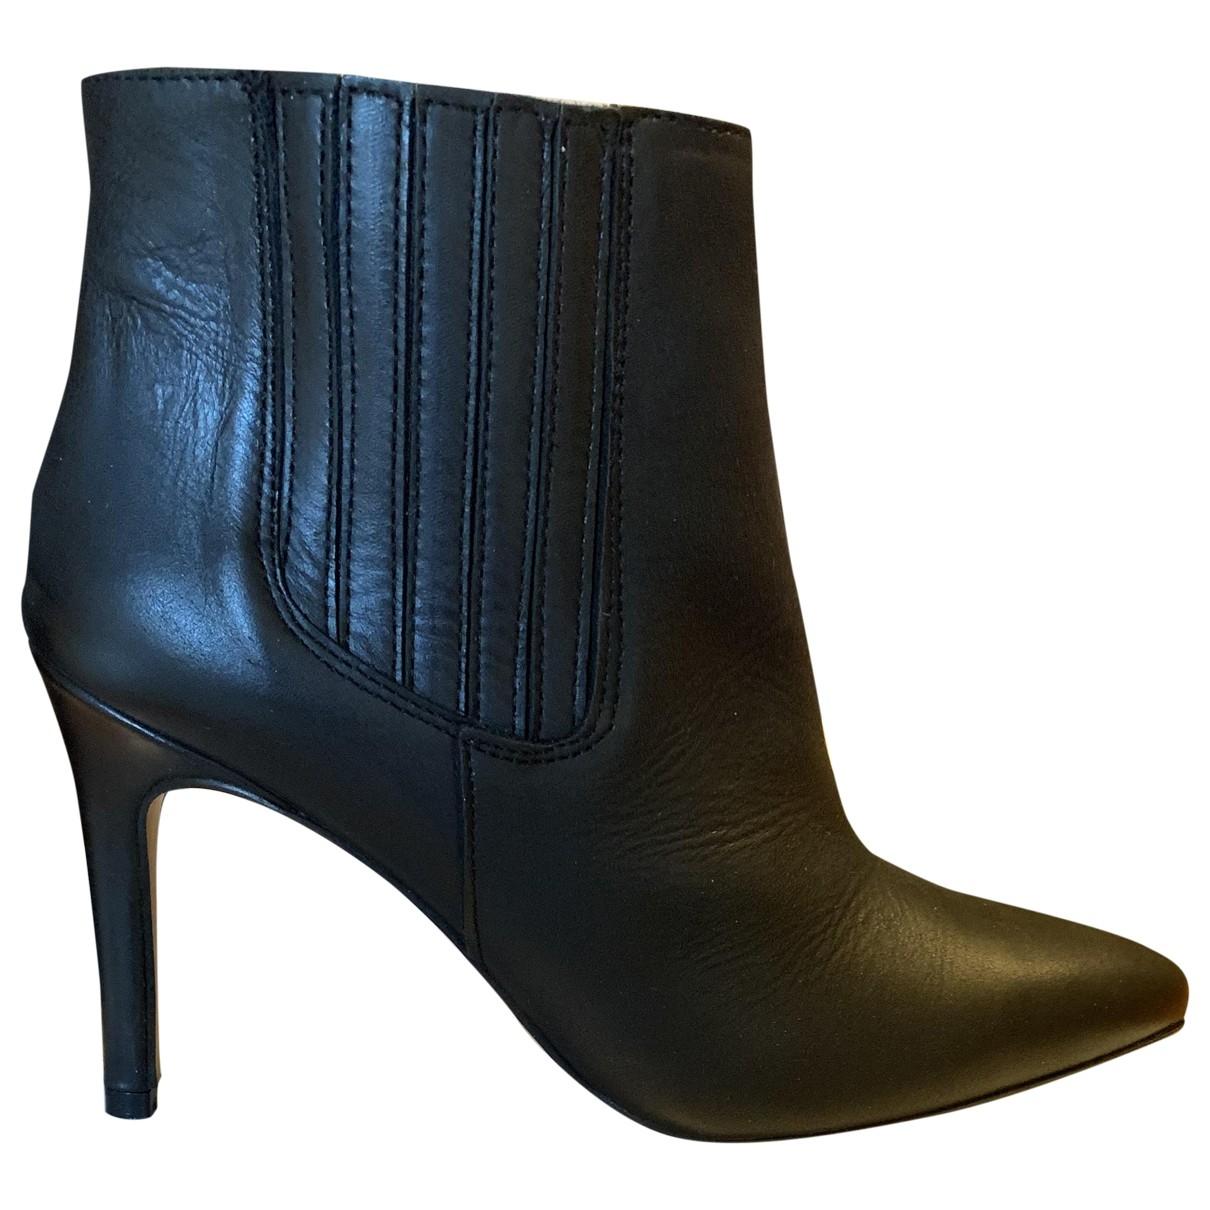 Apologie - Boots   pour femme en cuir - noir